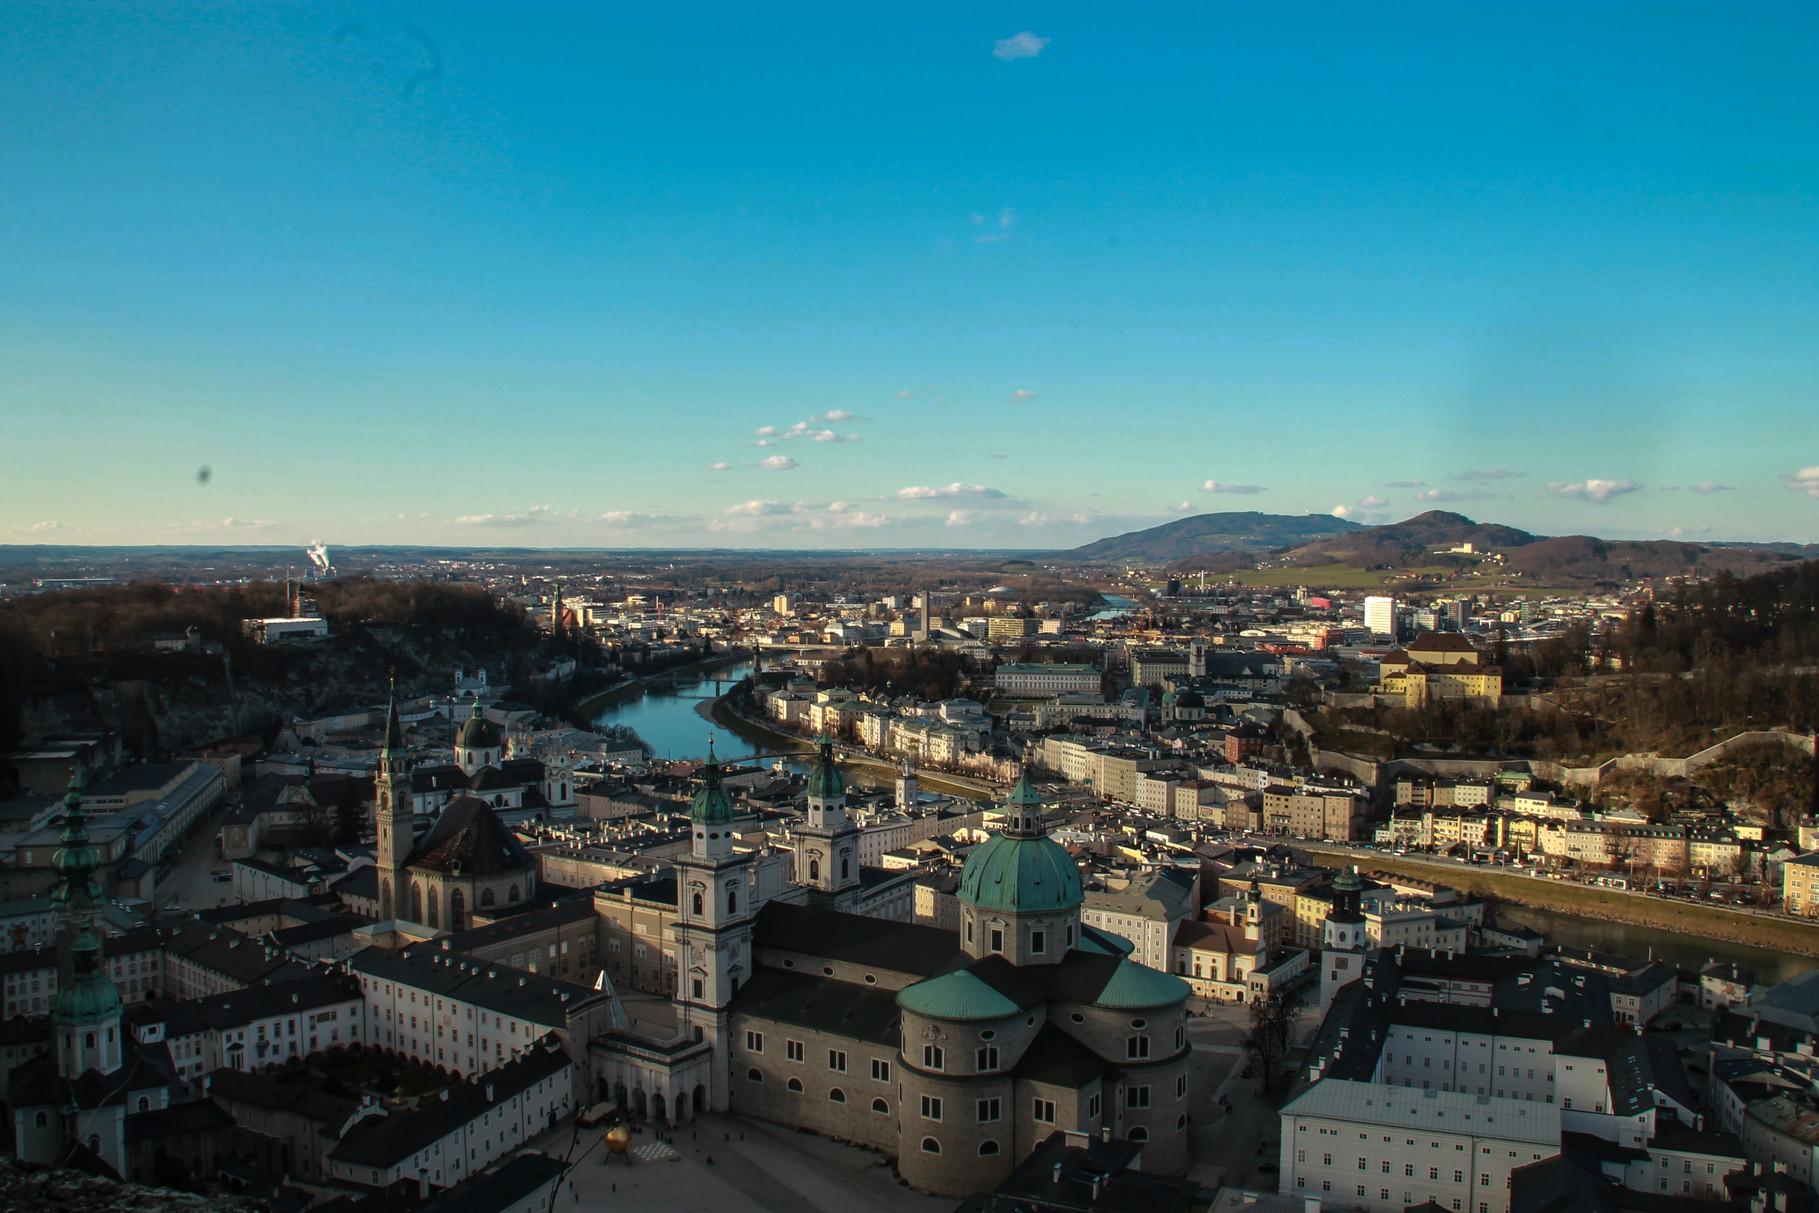 Blick auf Salzburg von der Burg